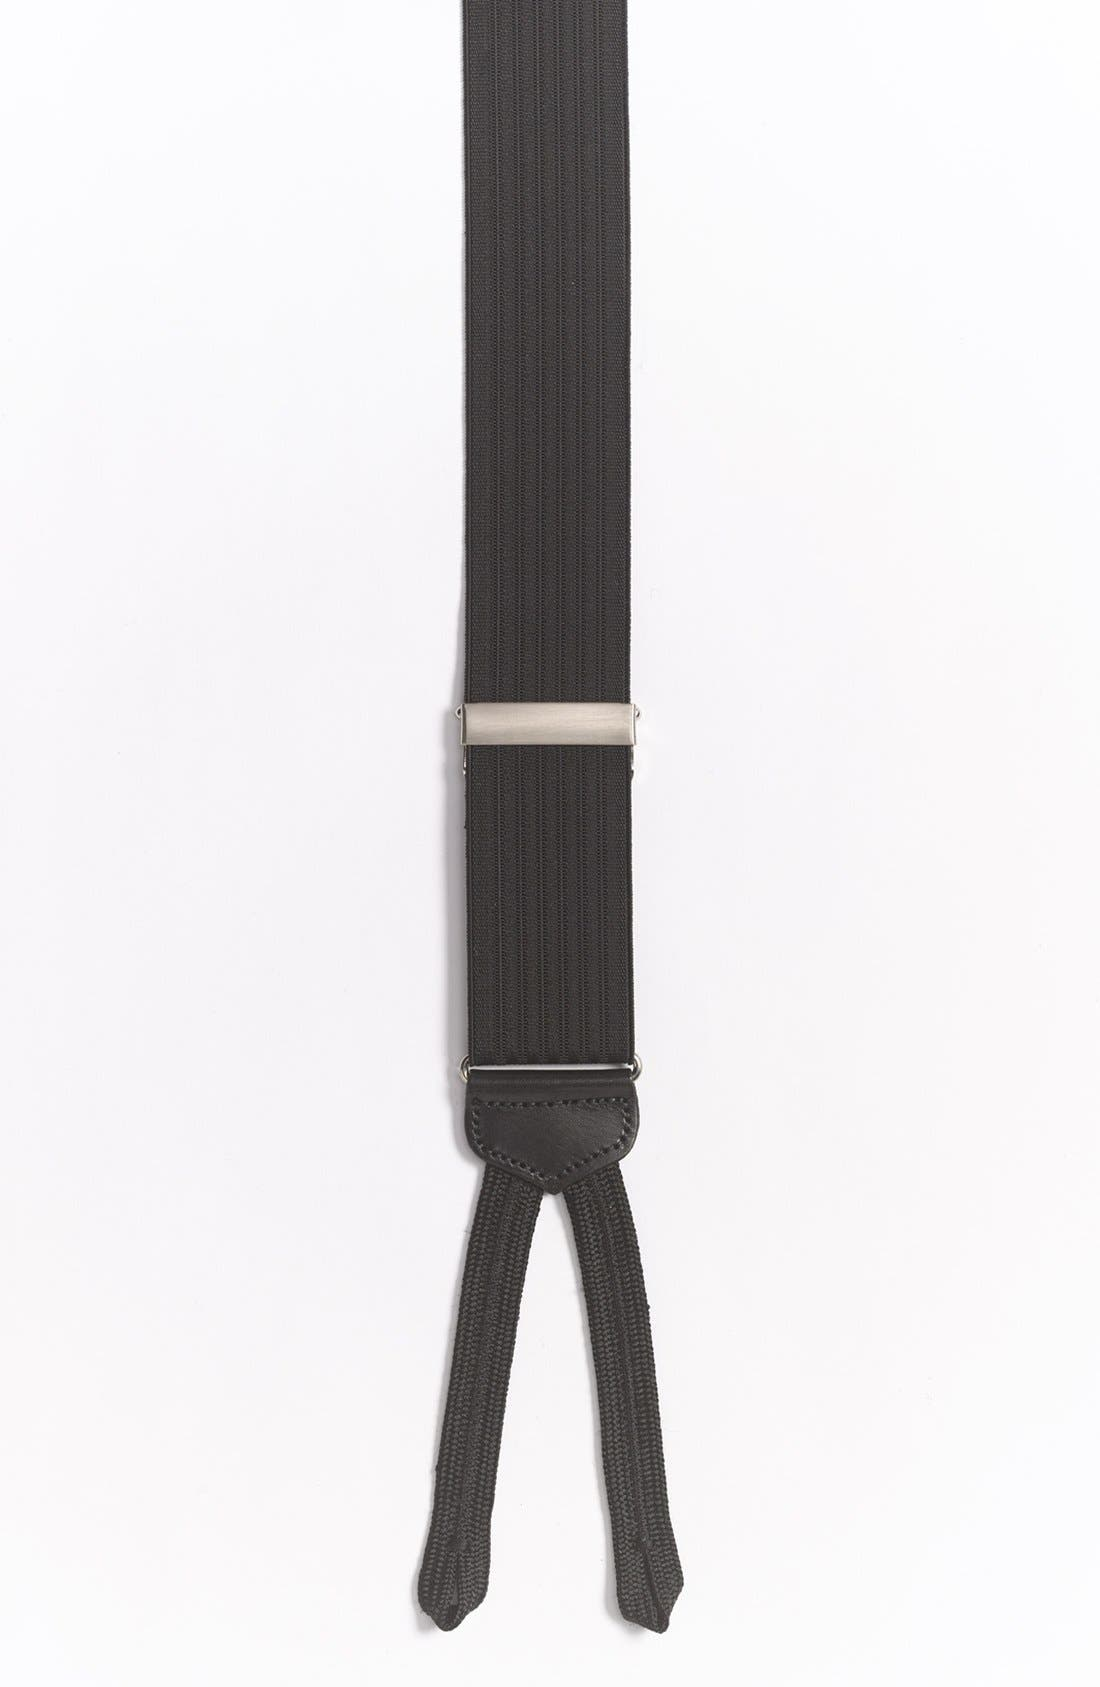 'Formal Regal' Suspenders,                             Main thumbnail 1, color,                             001